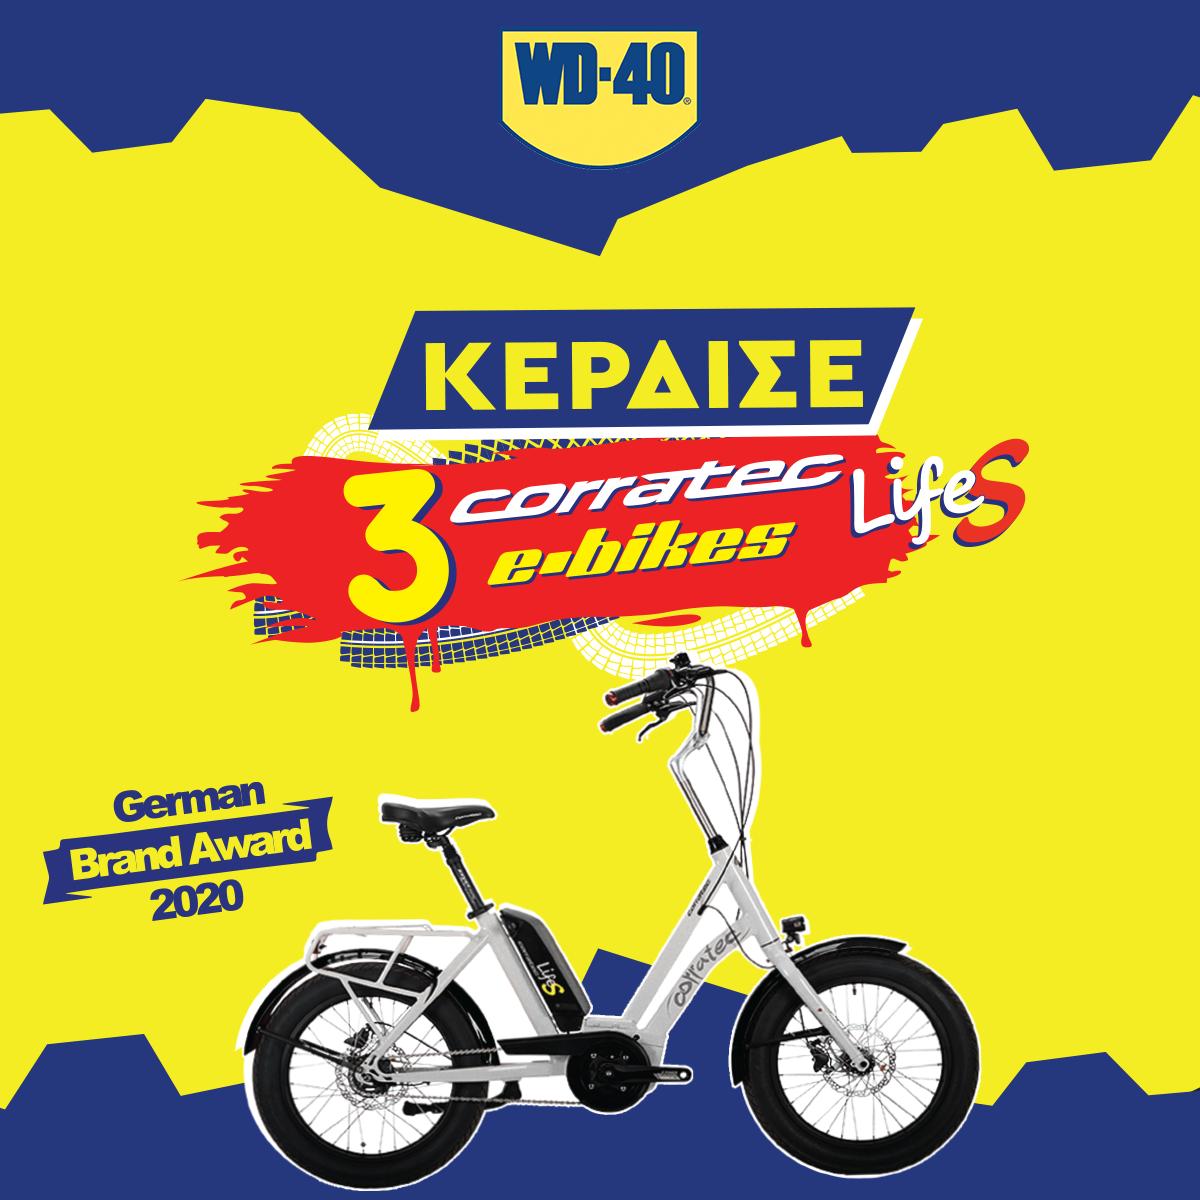 WD-40 E-Bike Contest